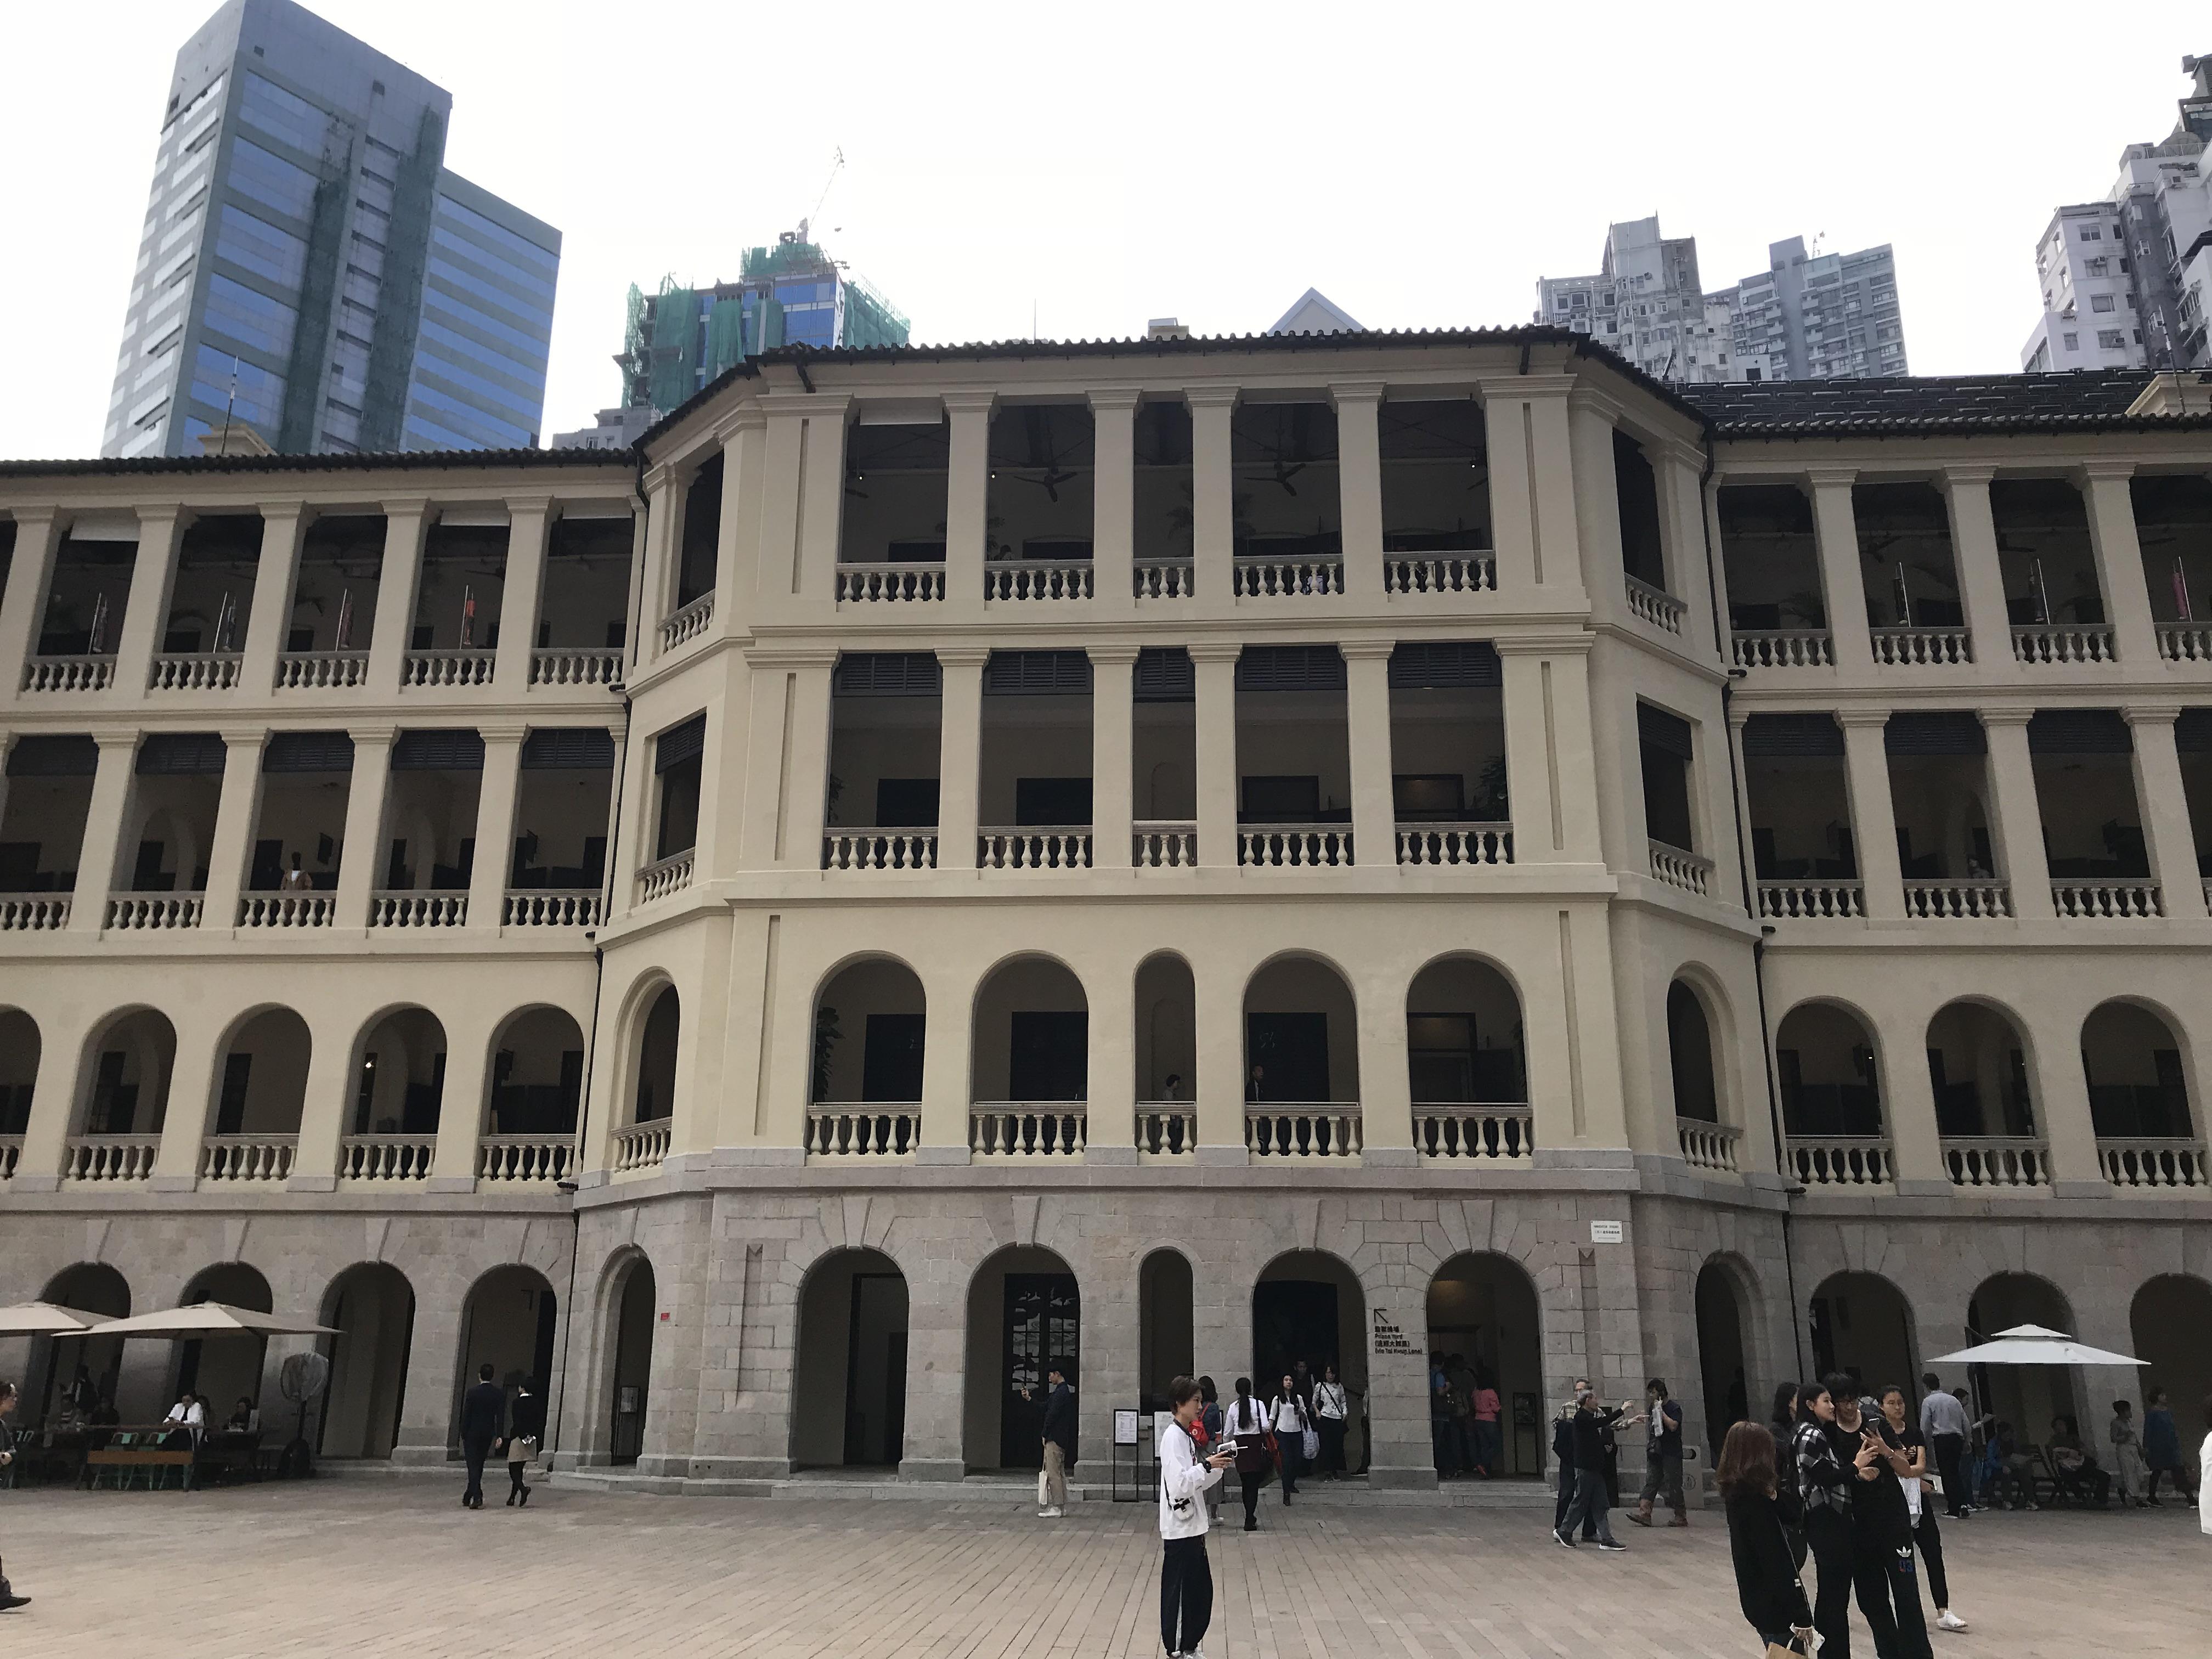 歴史ある建物そのままにアートの発信基地へと変貌を遂げた、大館を見学